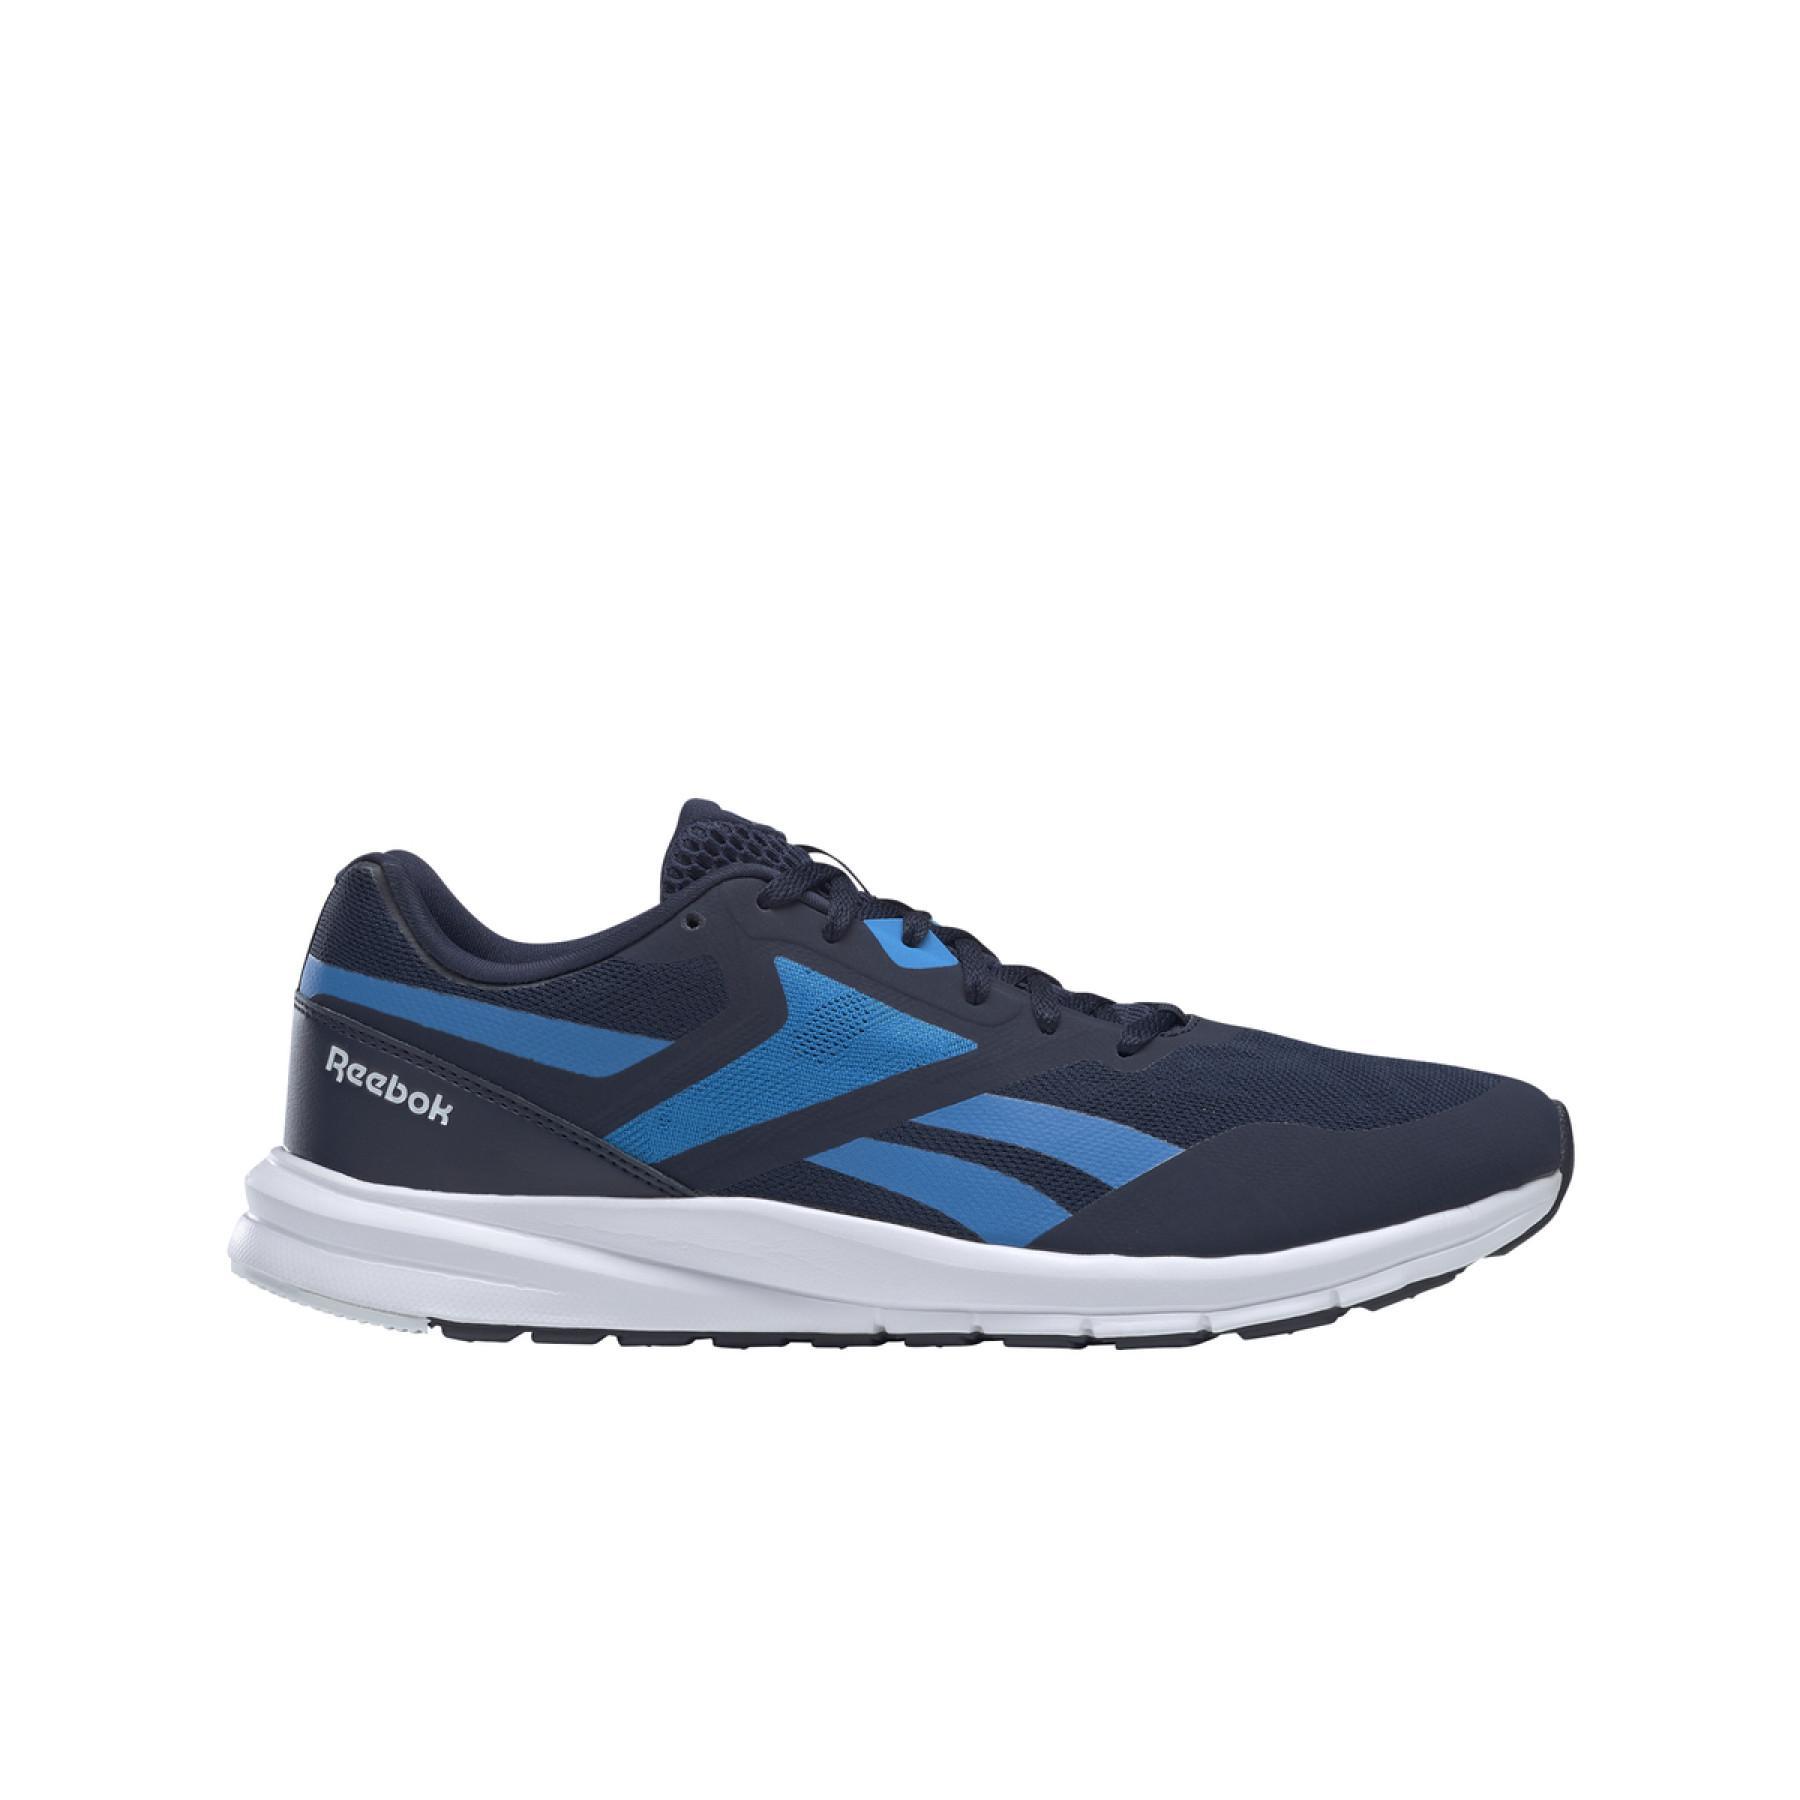 Shoes Reebok Runner 4.0